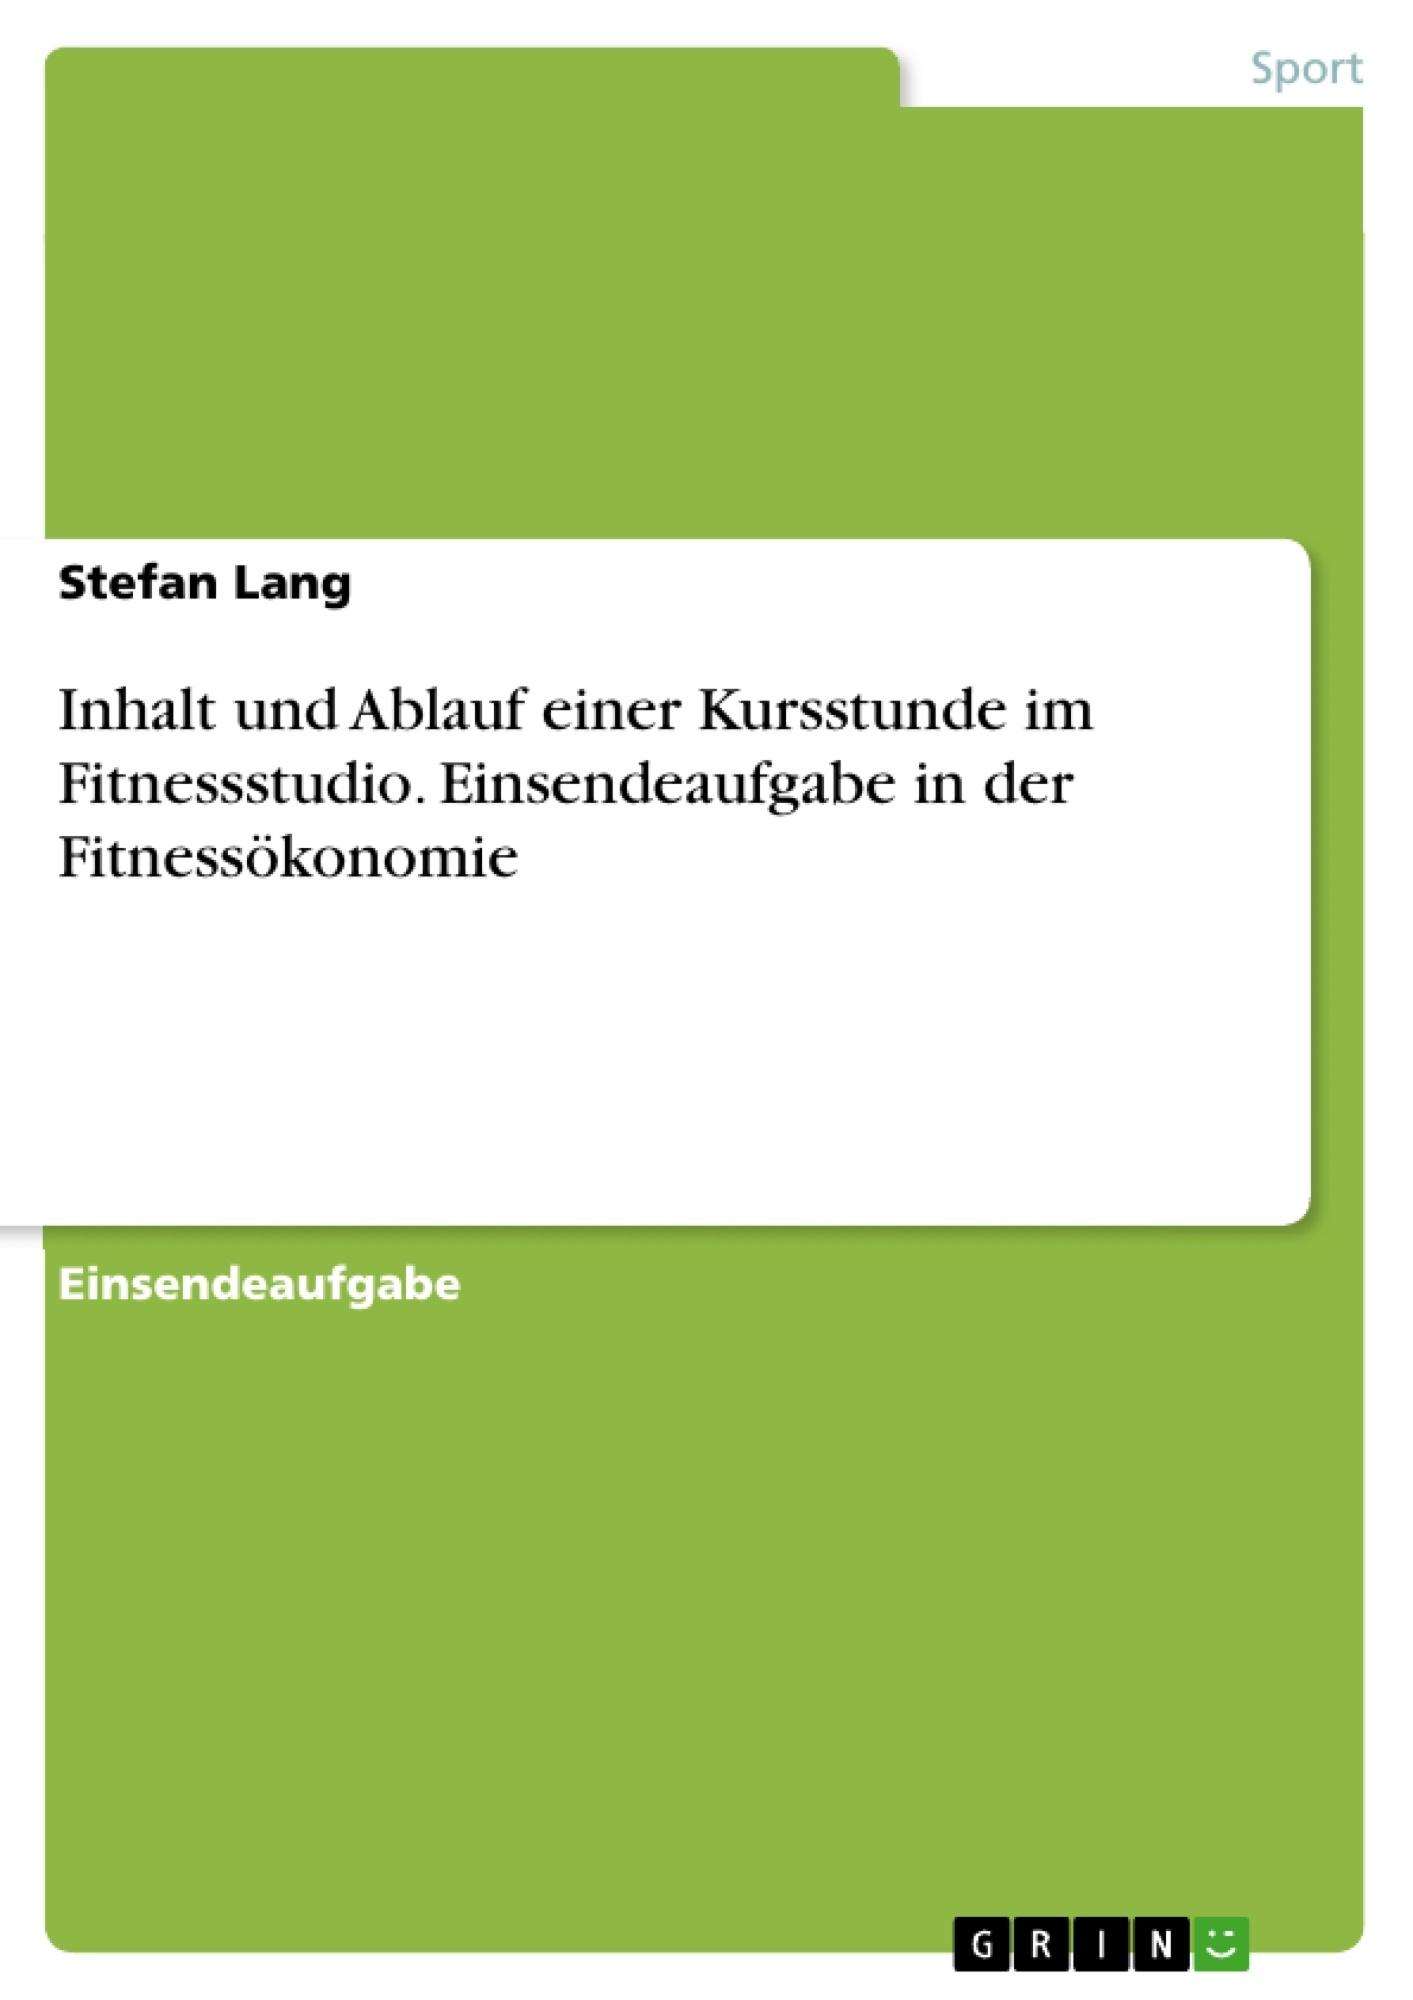 Titel: Inhalt und Ablauf einer Kursstunde im Fitnessstudio. Einsendeaufgabe in der Fitnessökonomie